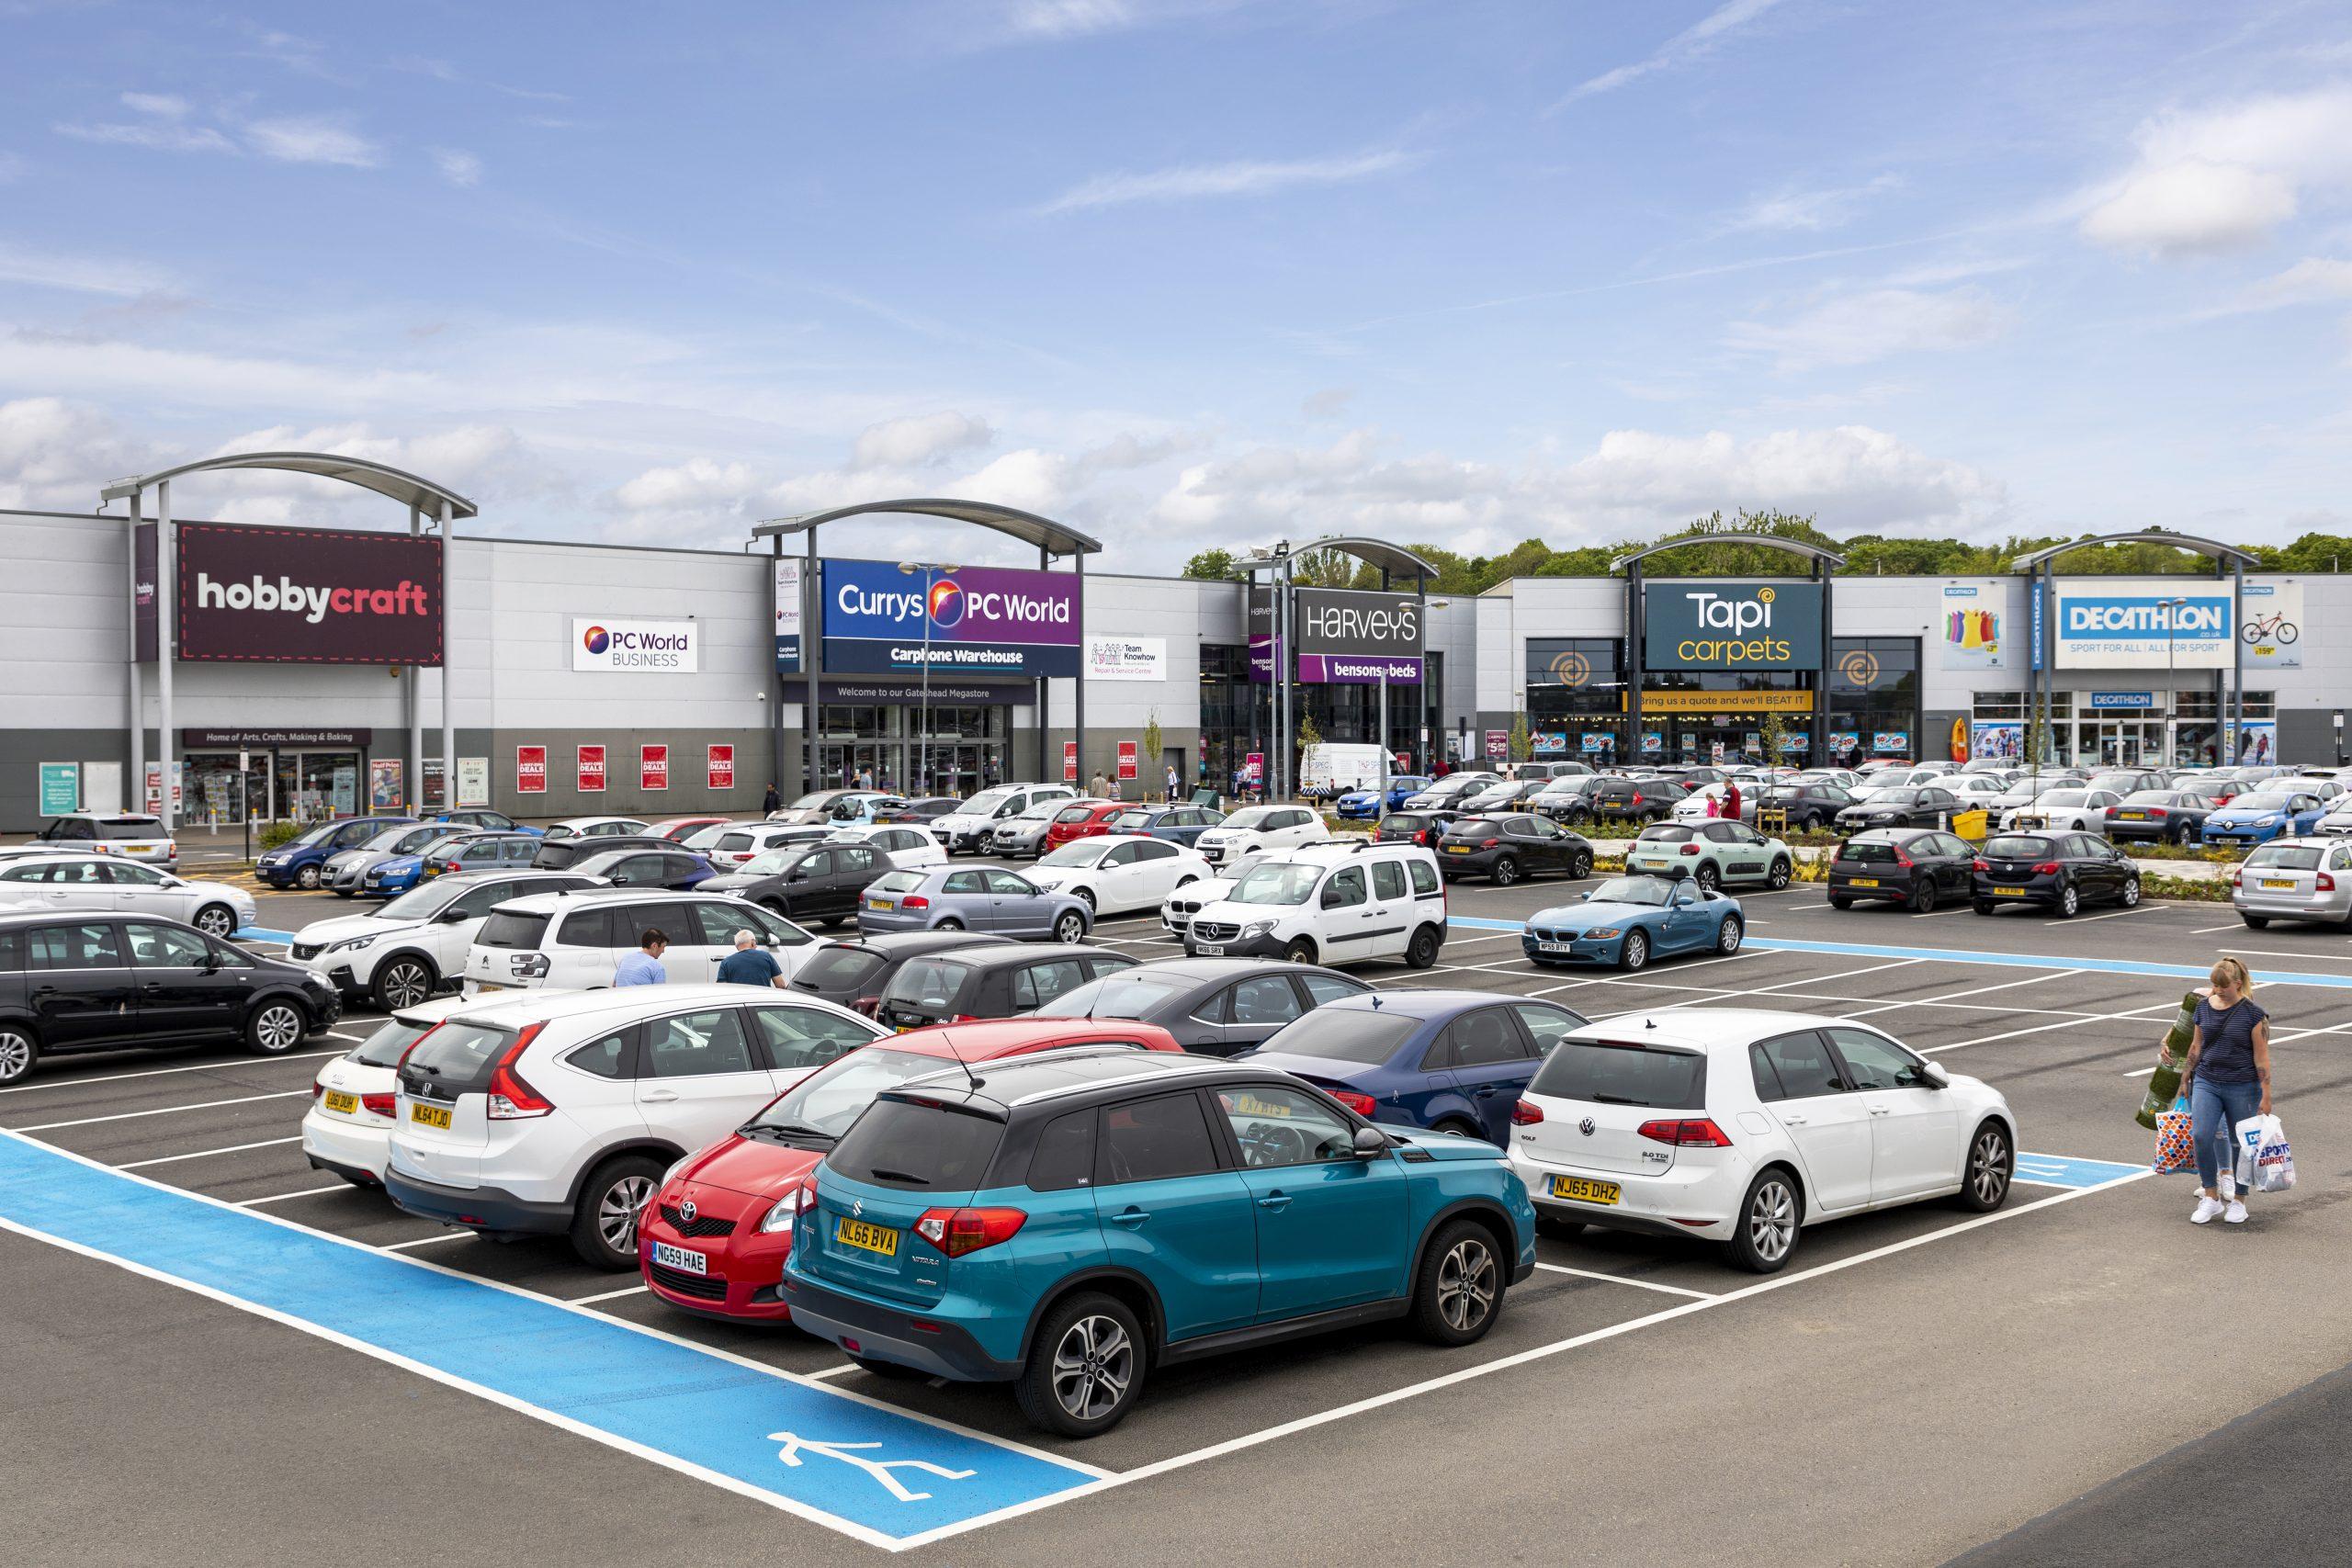 8928_8339_Retail World, Gateshead